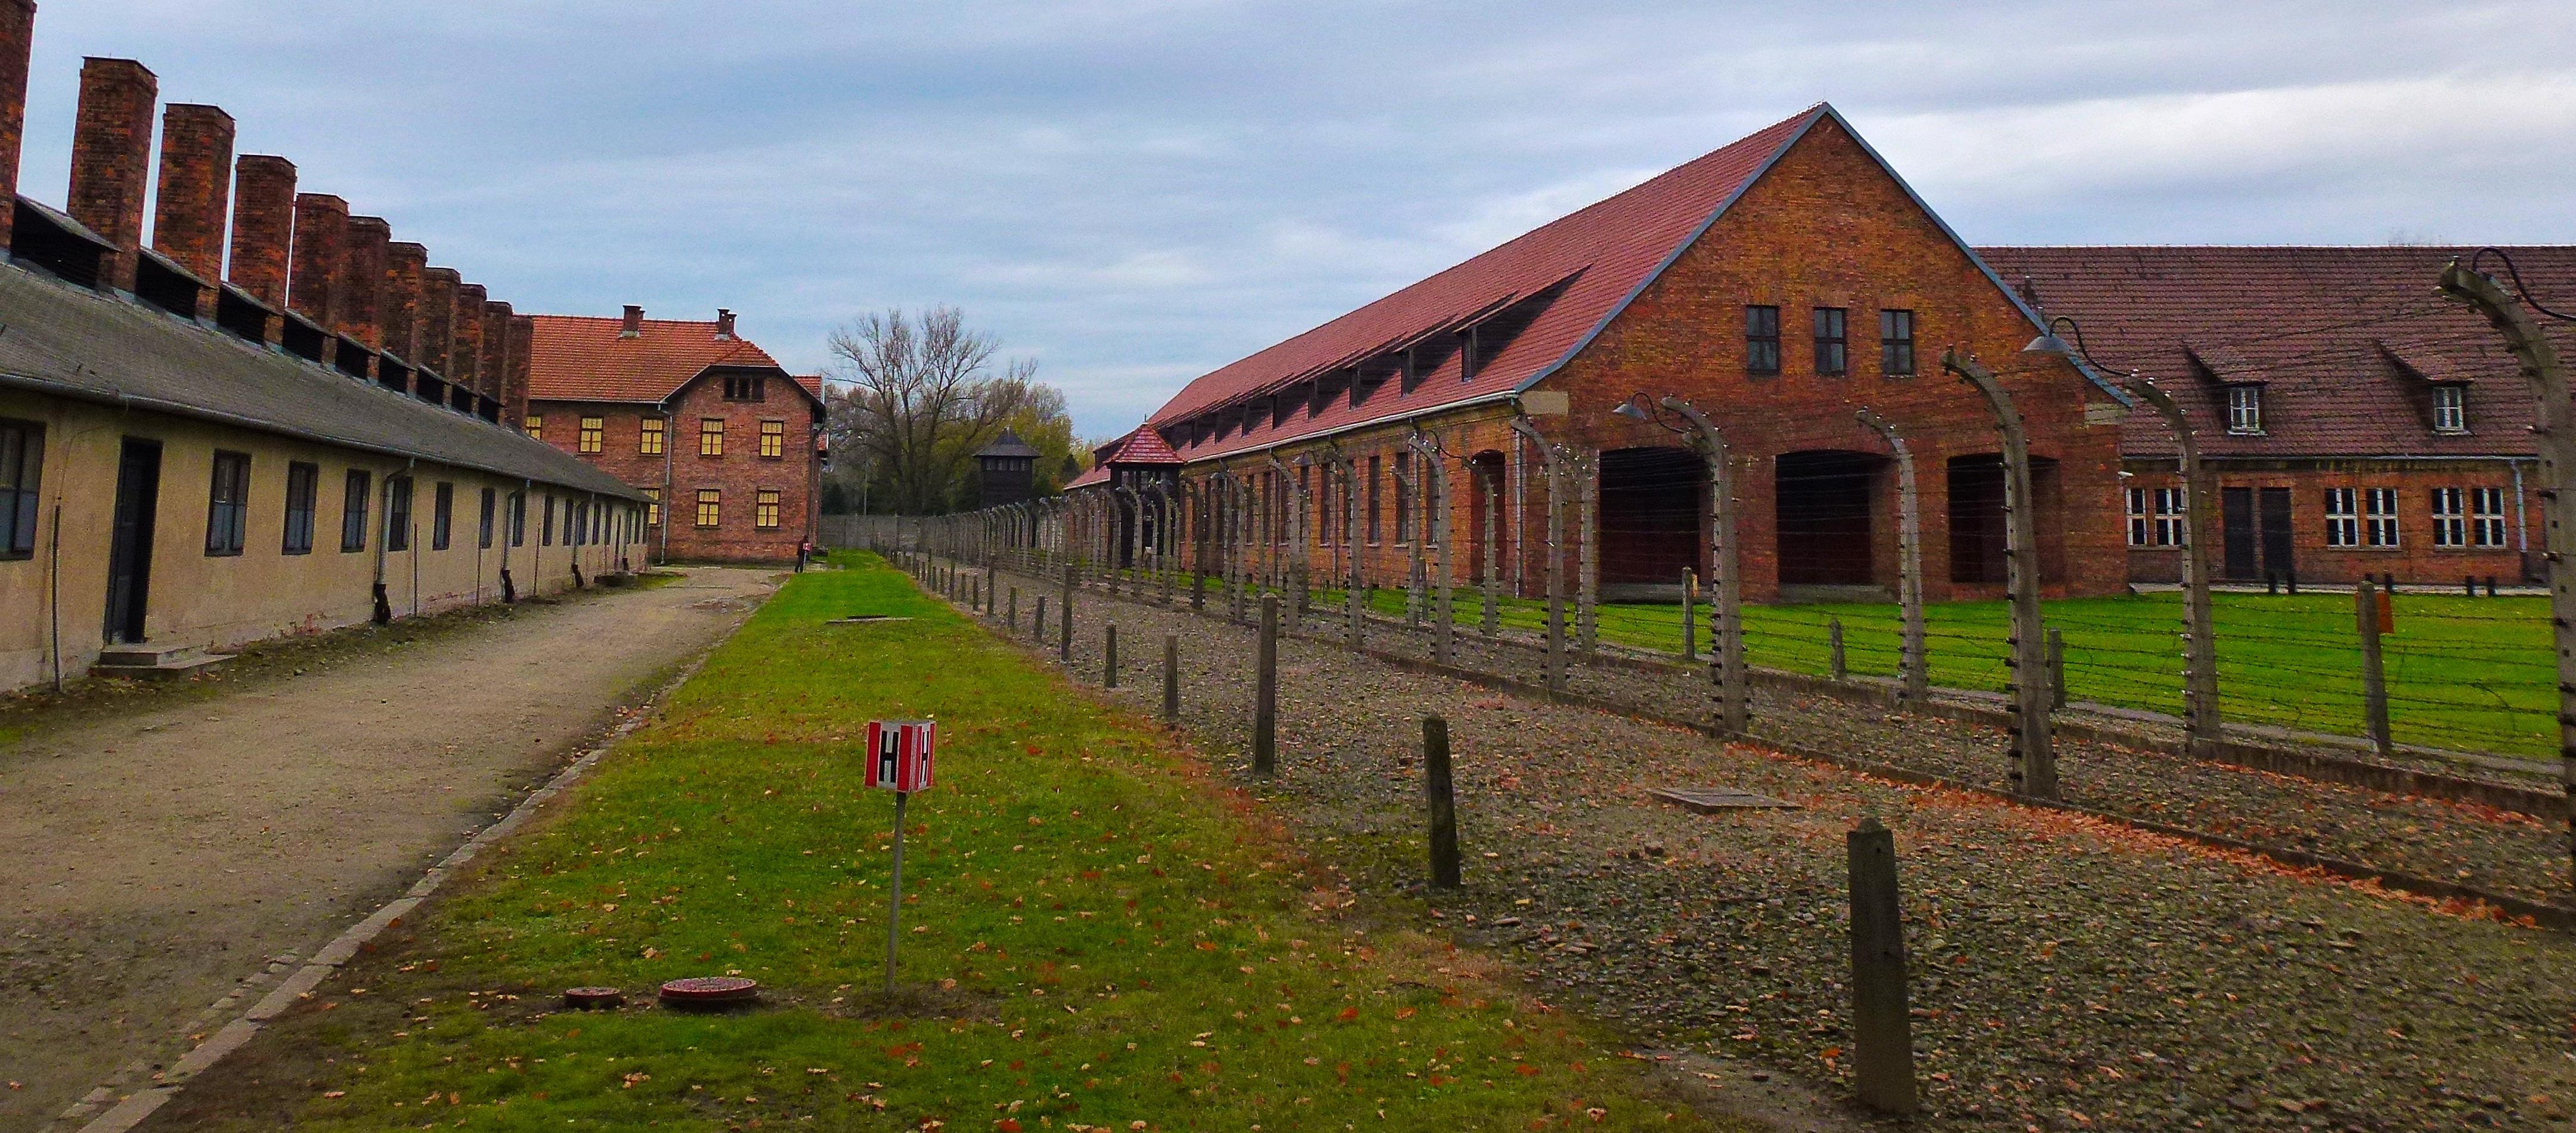 My Visit to Auschwitz